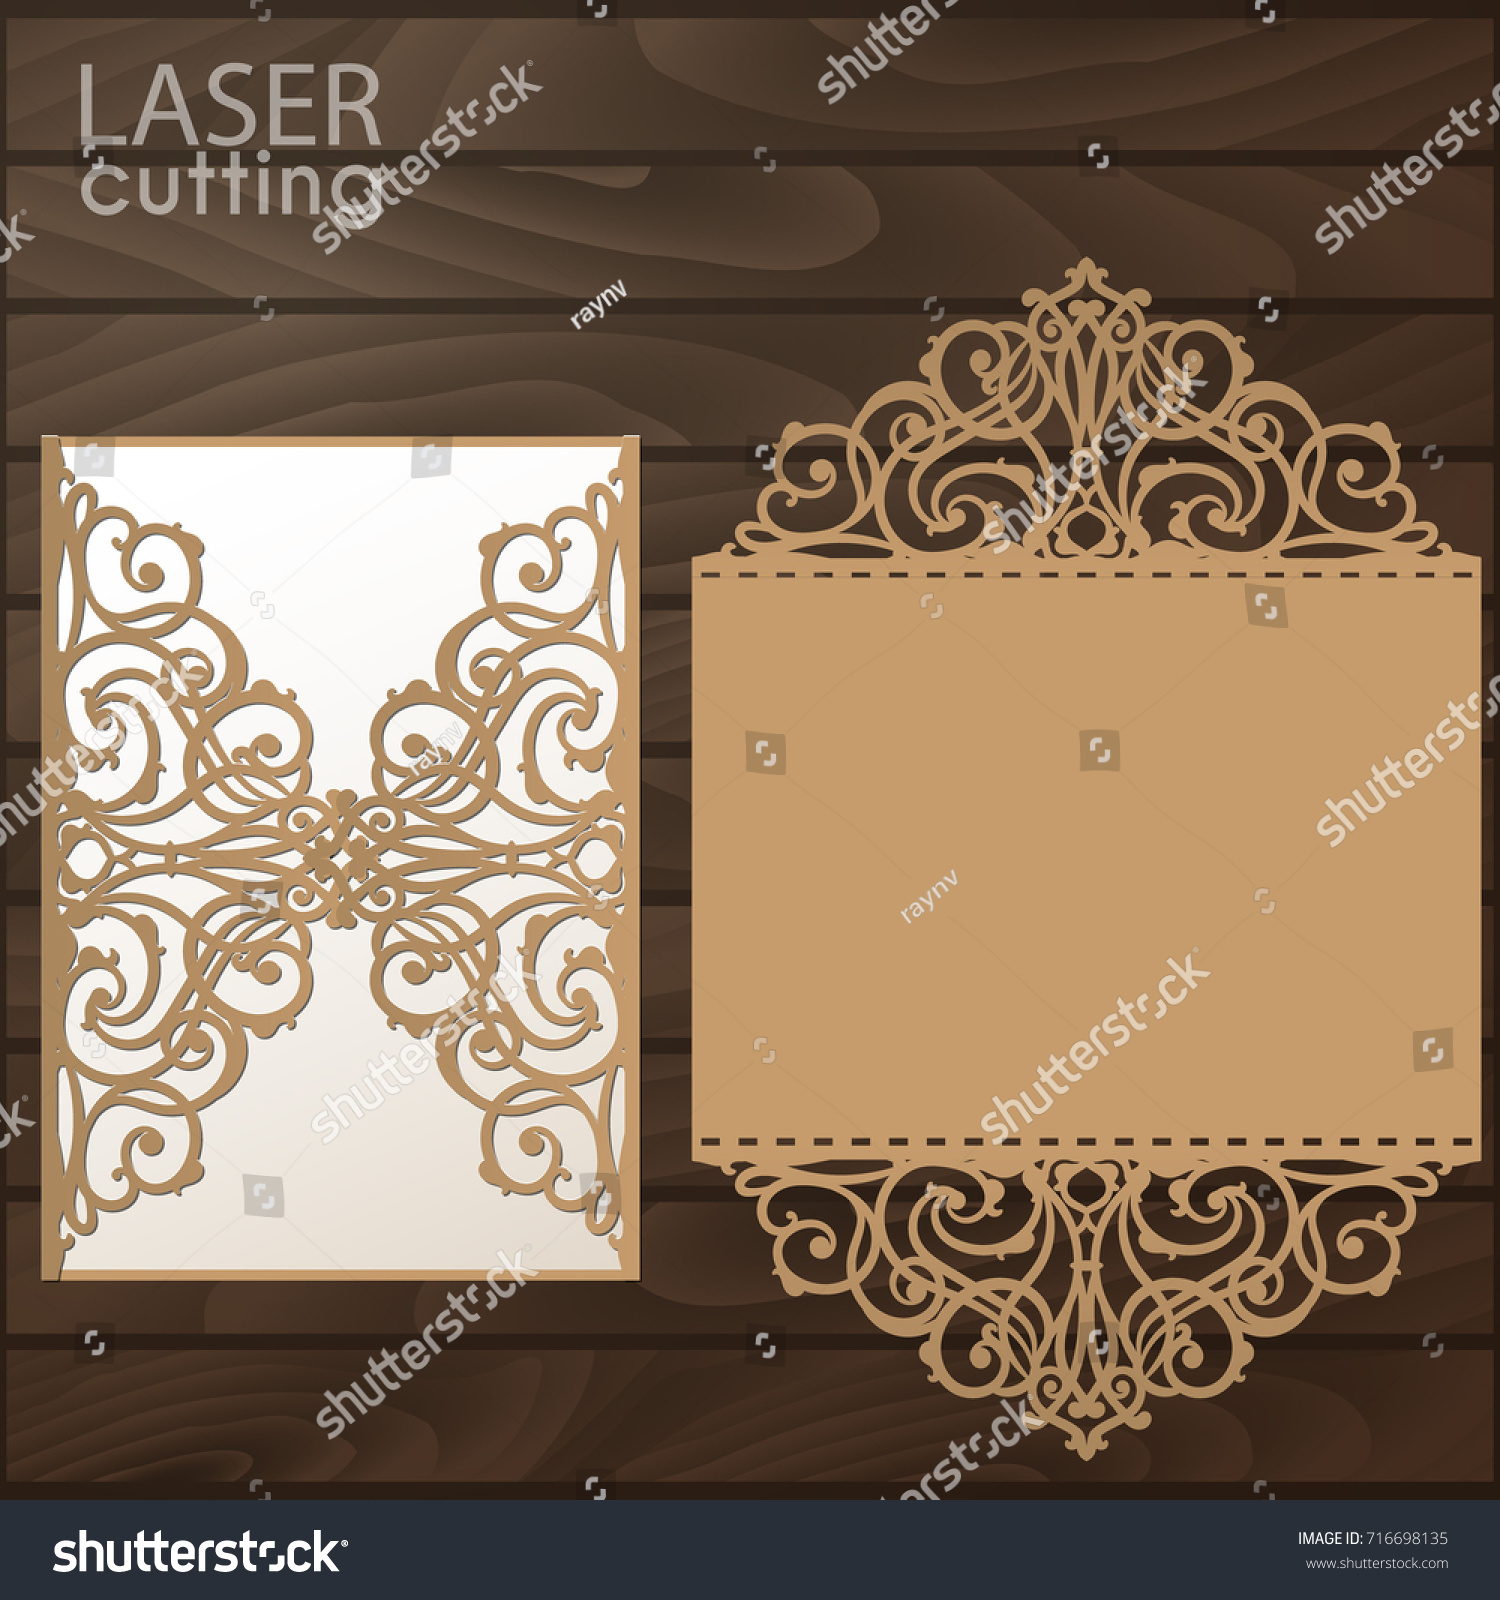 Laser Cut Gate Invitation